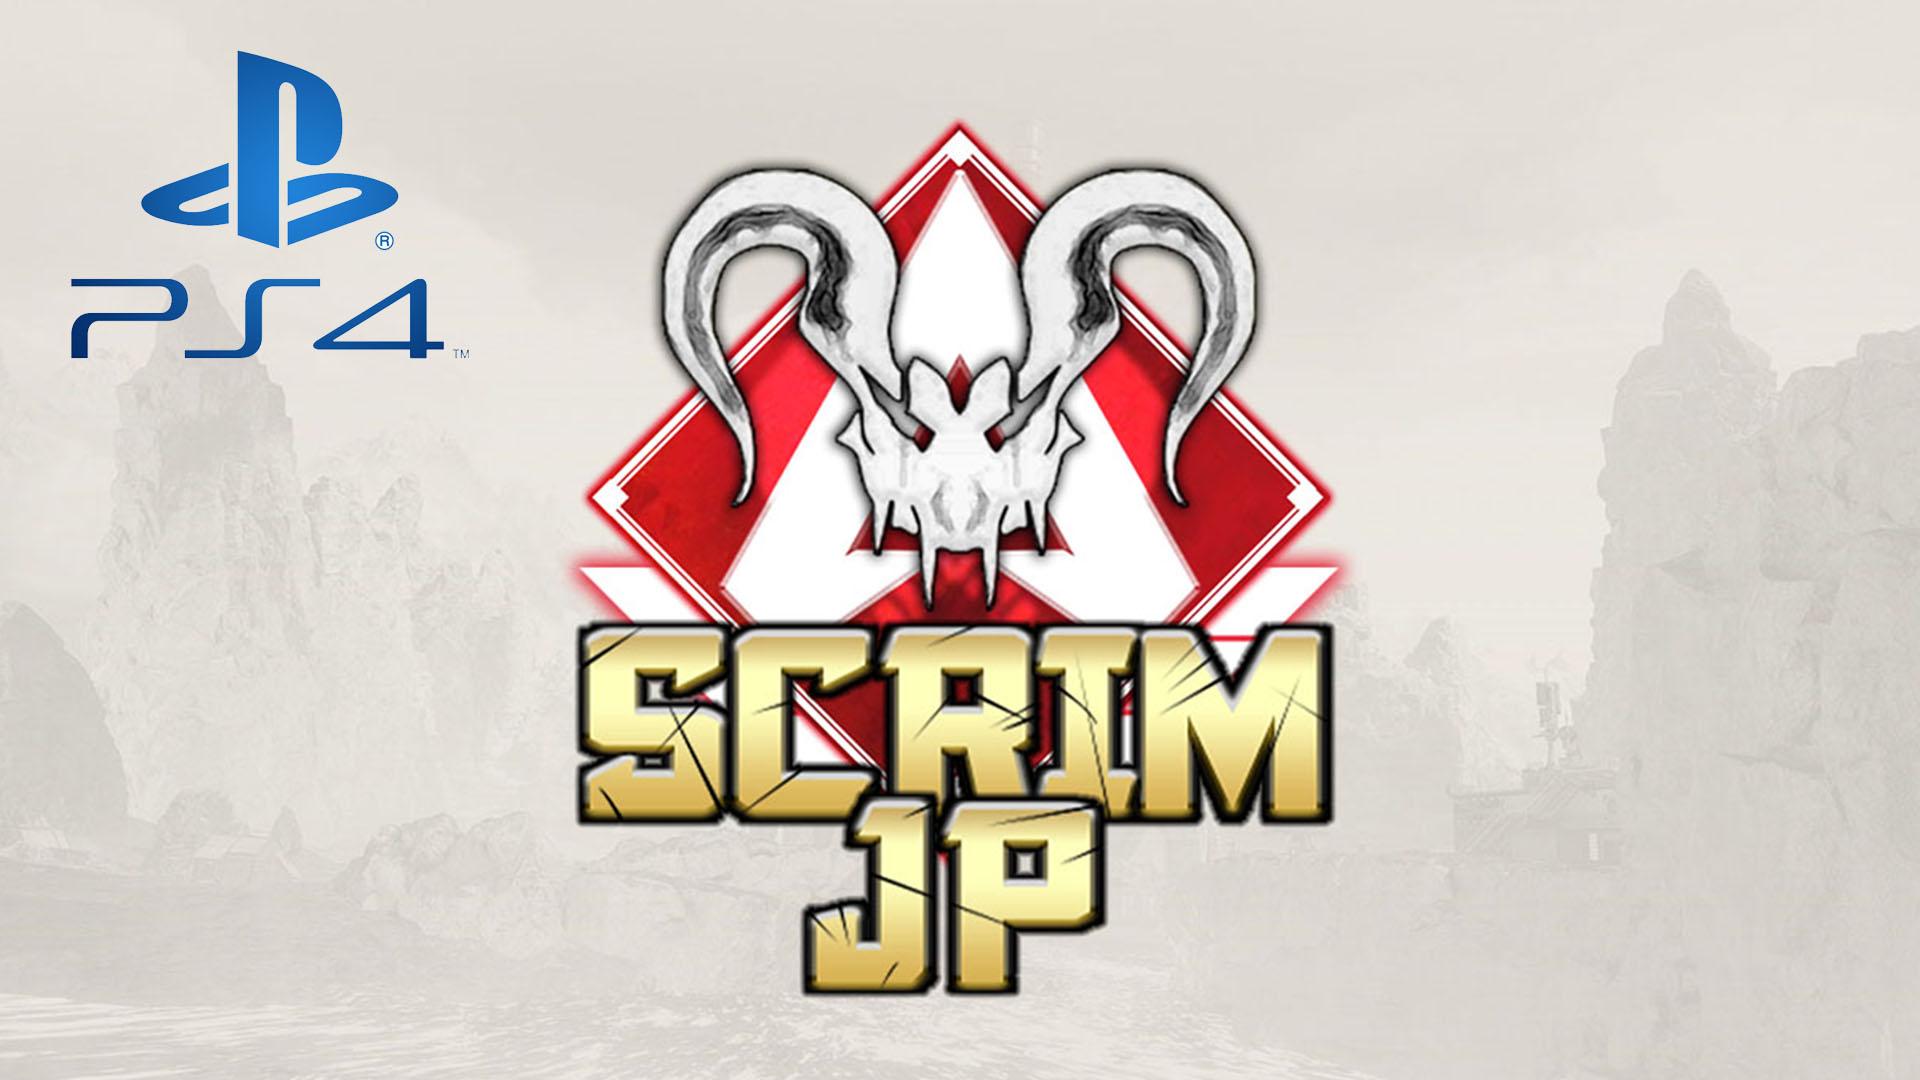 【PS4版エーペックス】スクリム主催のお知らせ【1月26日~1月31日】